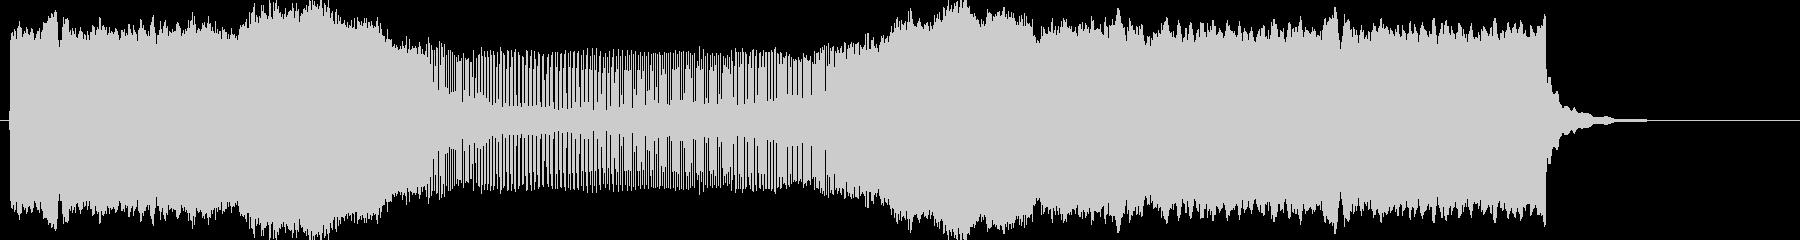 ピィーーーーーーーン(下降→上昇)の未再生の波形